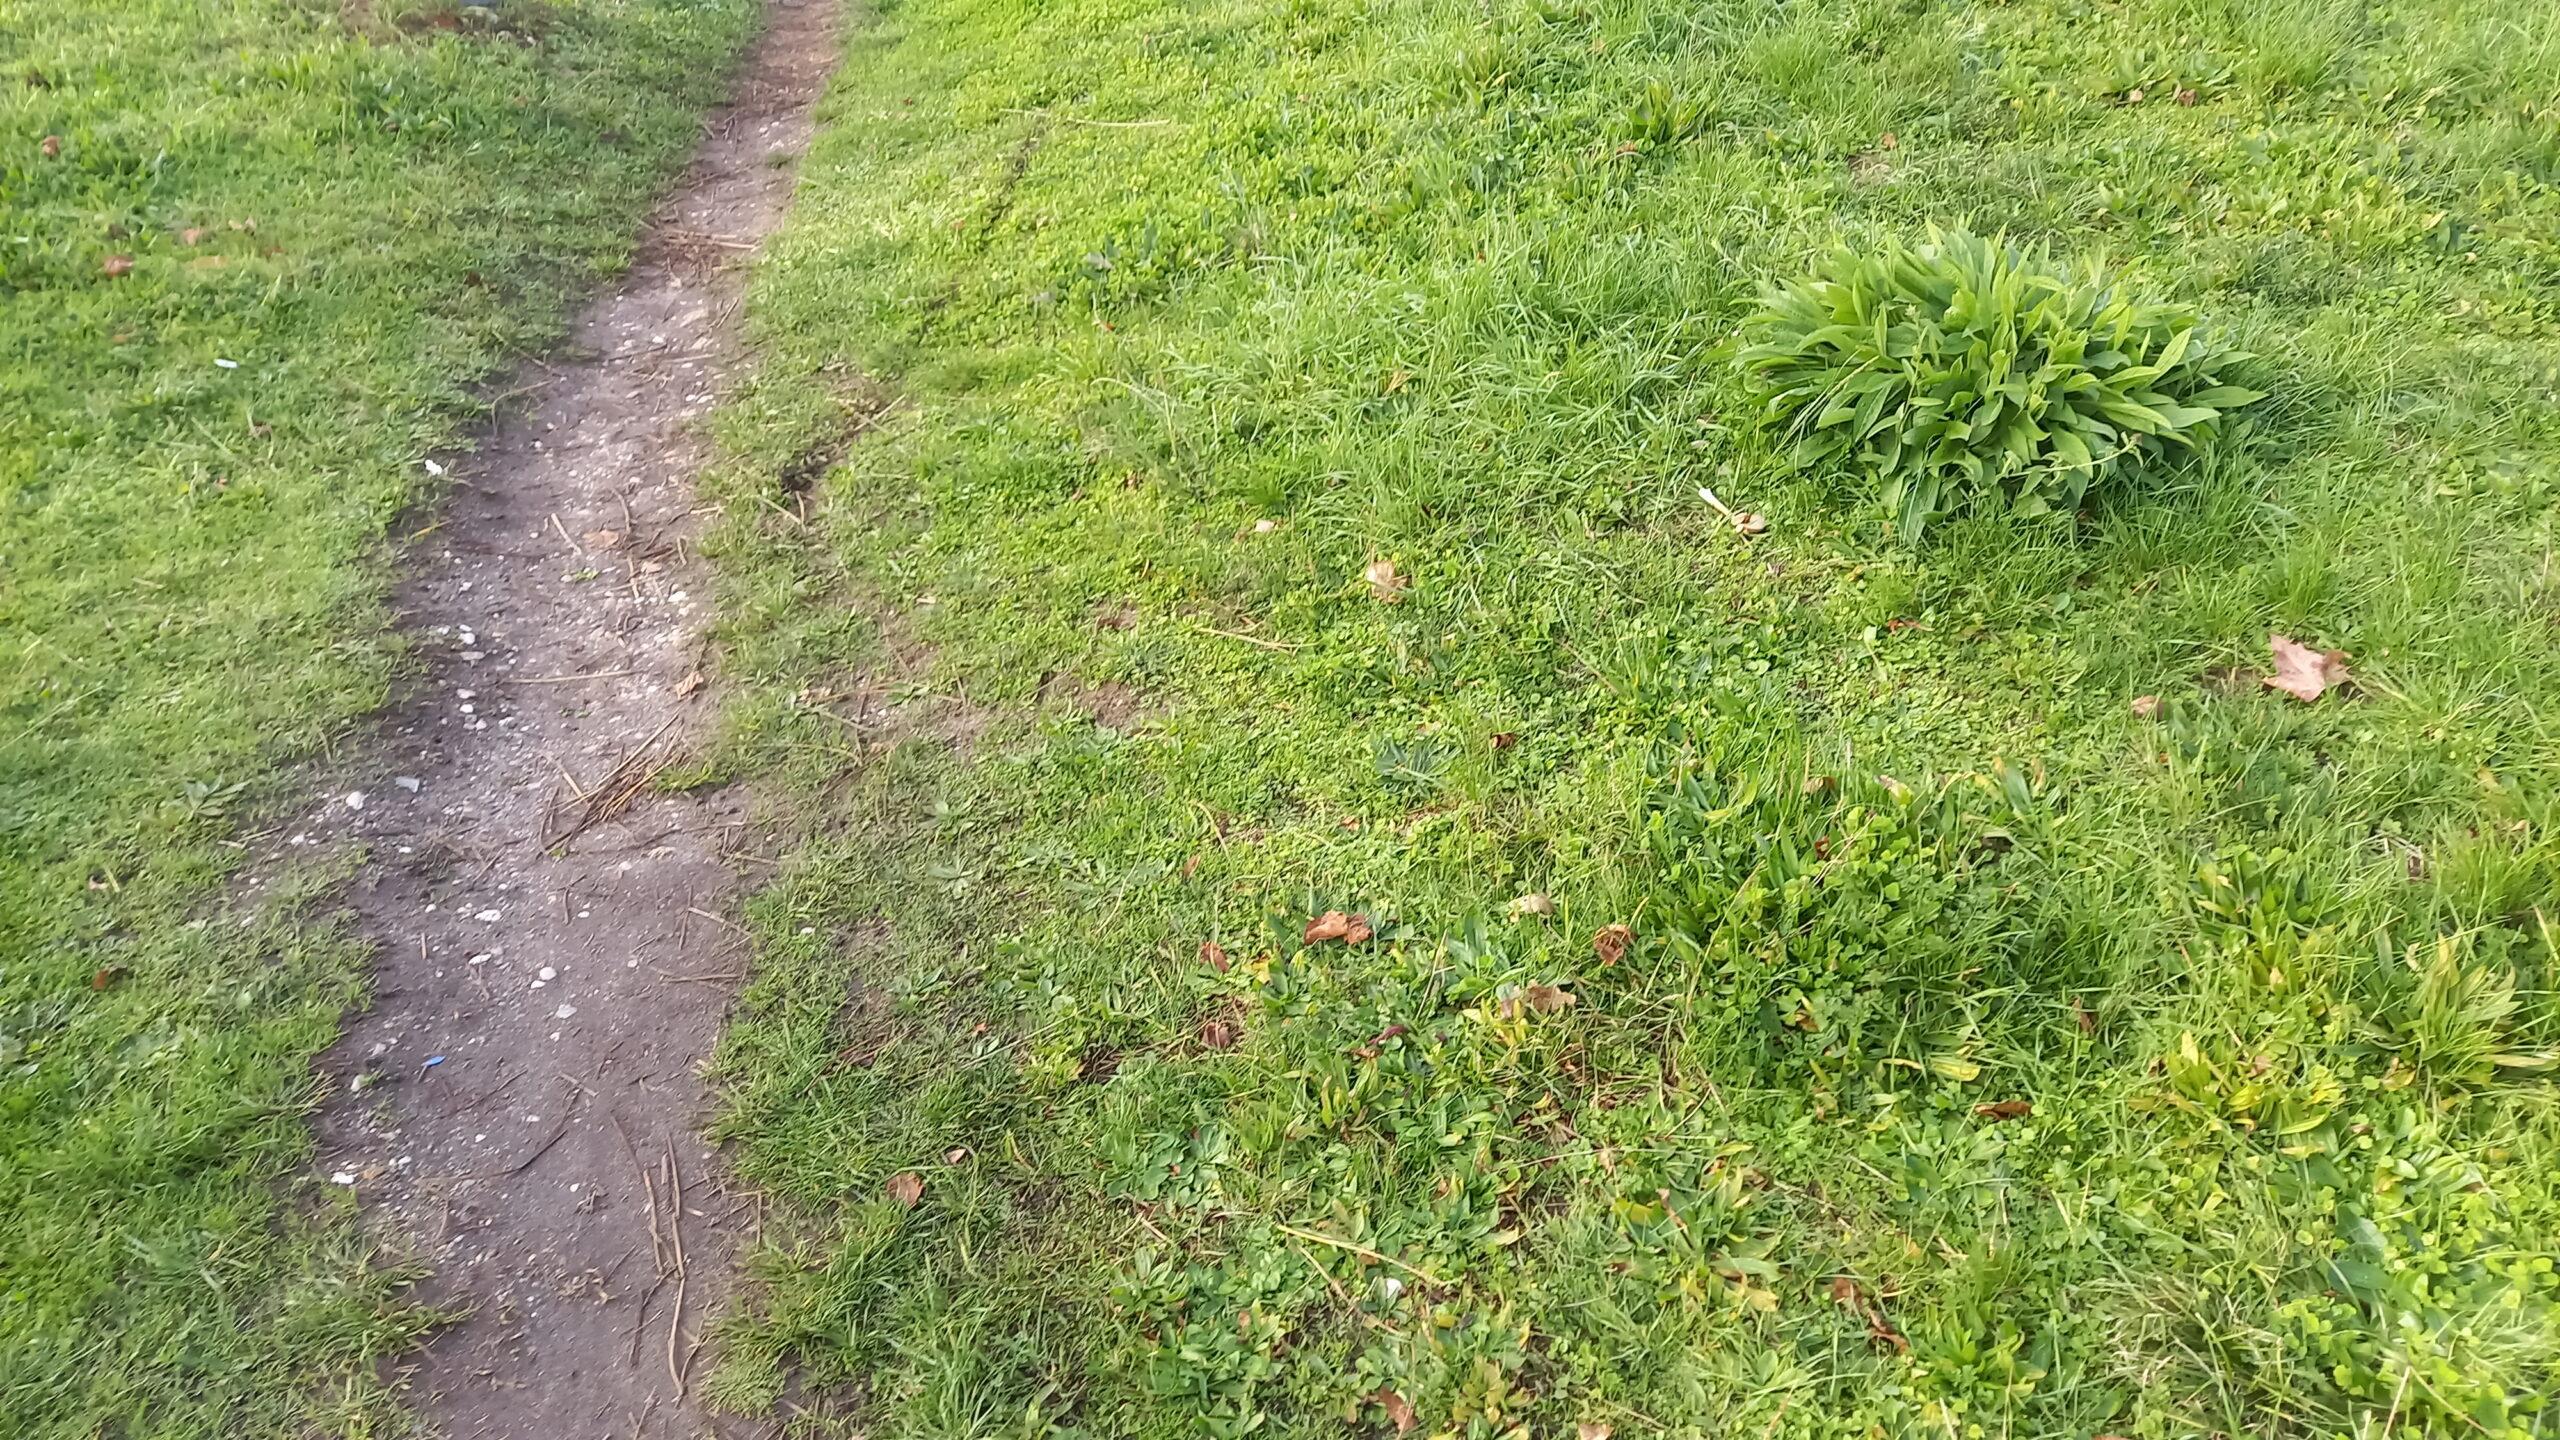 Sentier en terre bordé d'herbes.